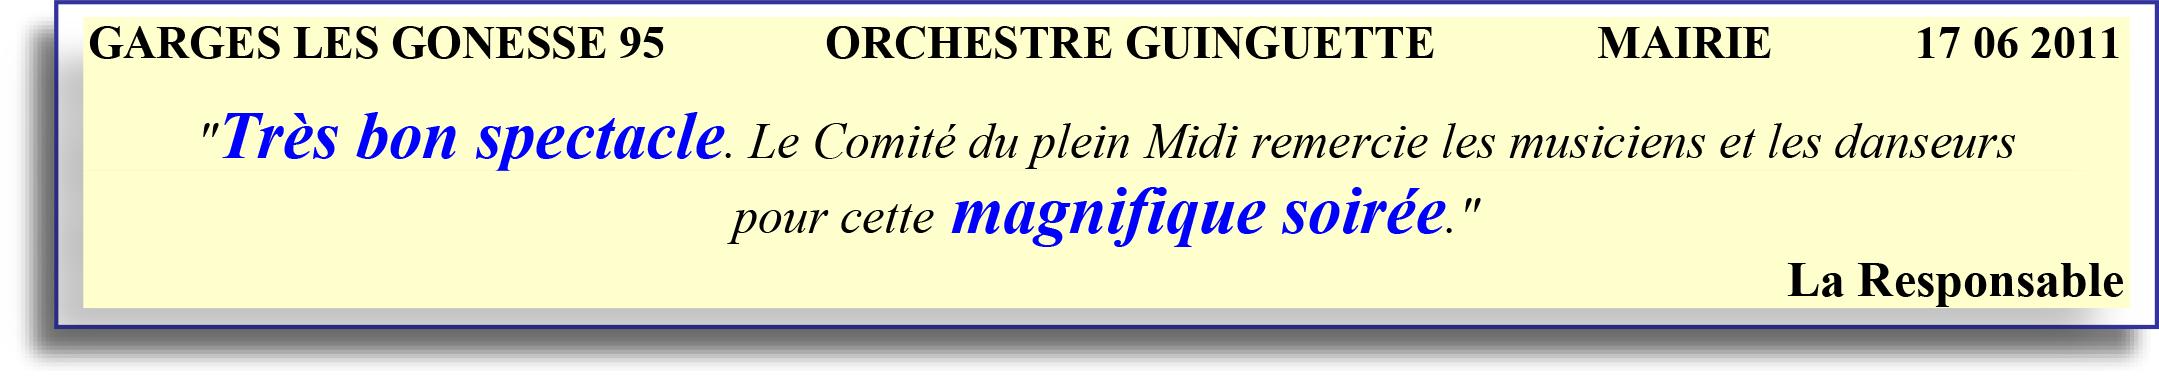 GARGES LES GONESSE 95   ORCHESTRE GUINGUETTE   17 06 2011